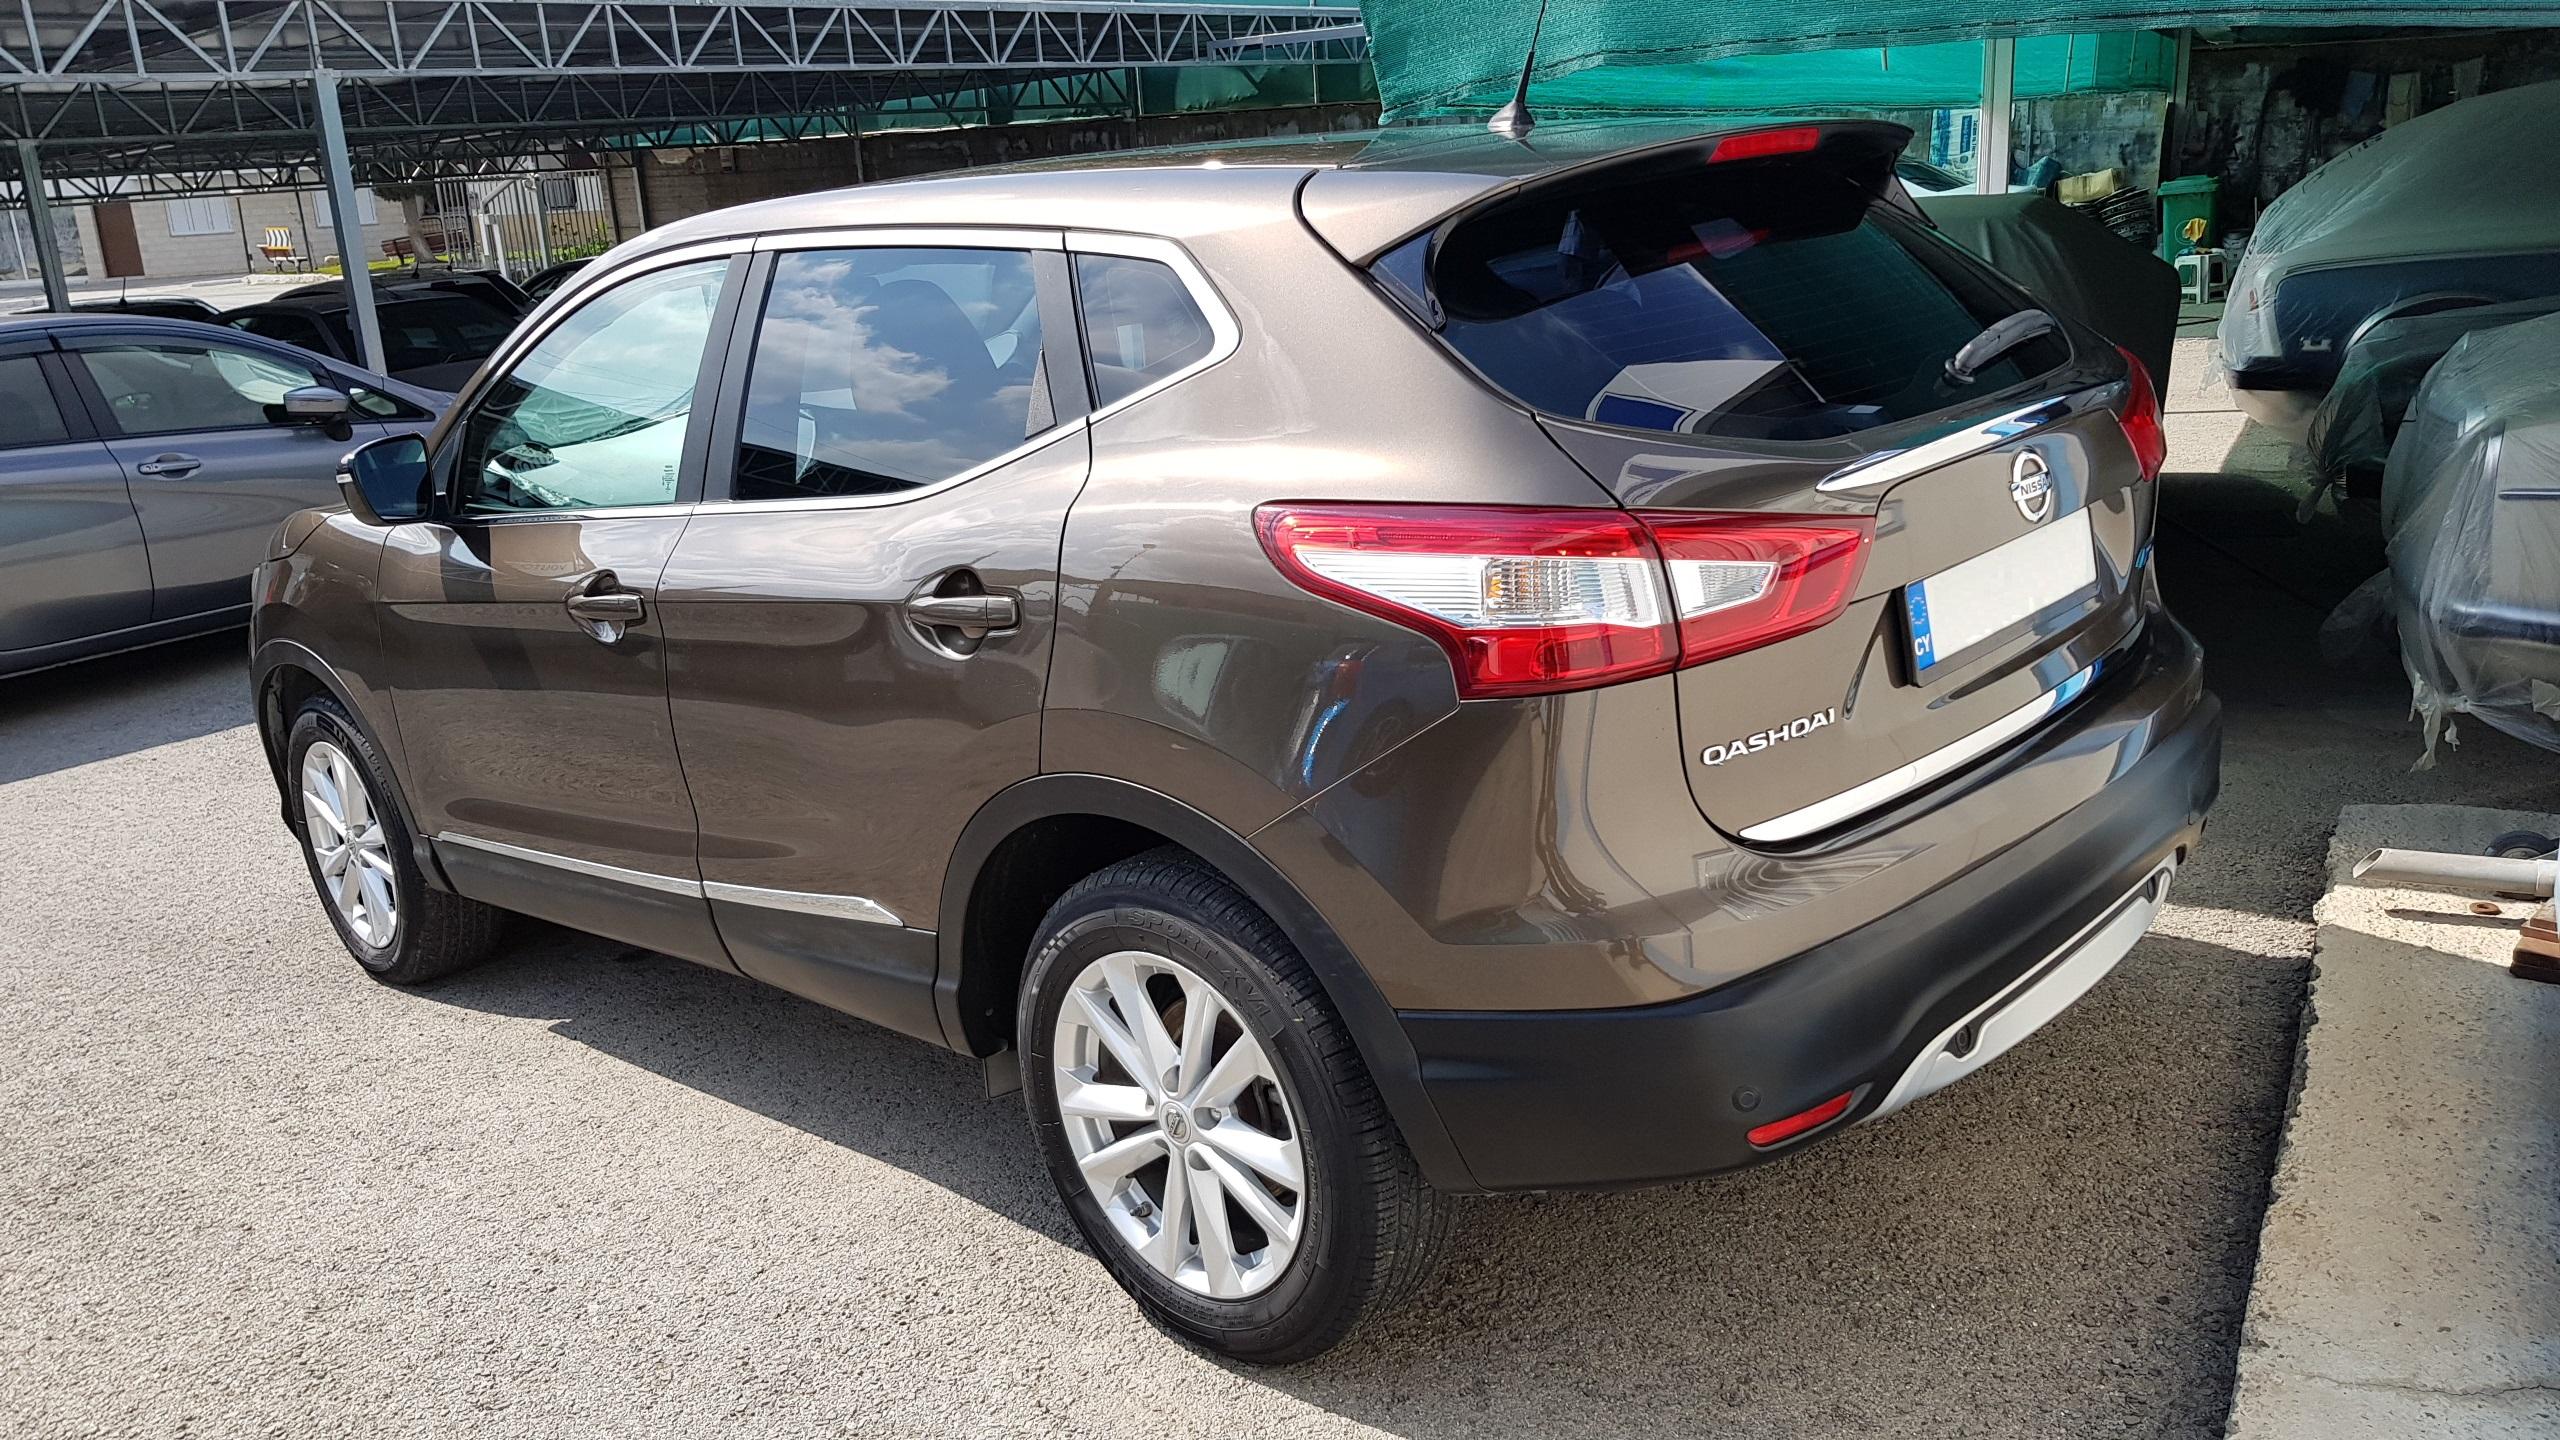 Nissan Qashqai Grey Metallic 03